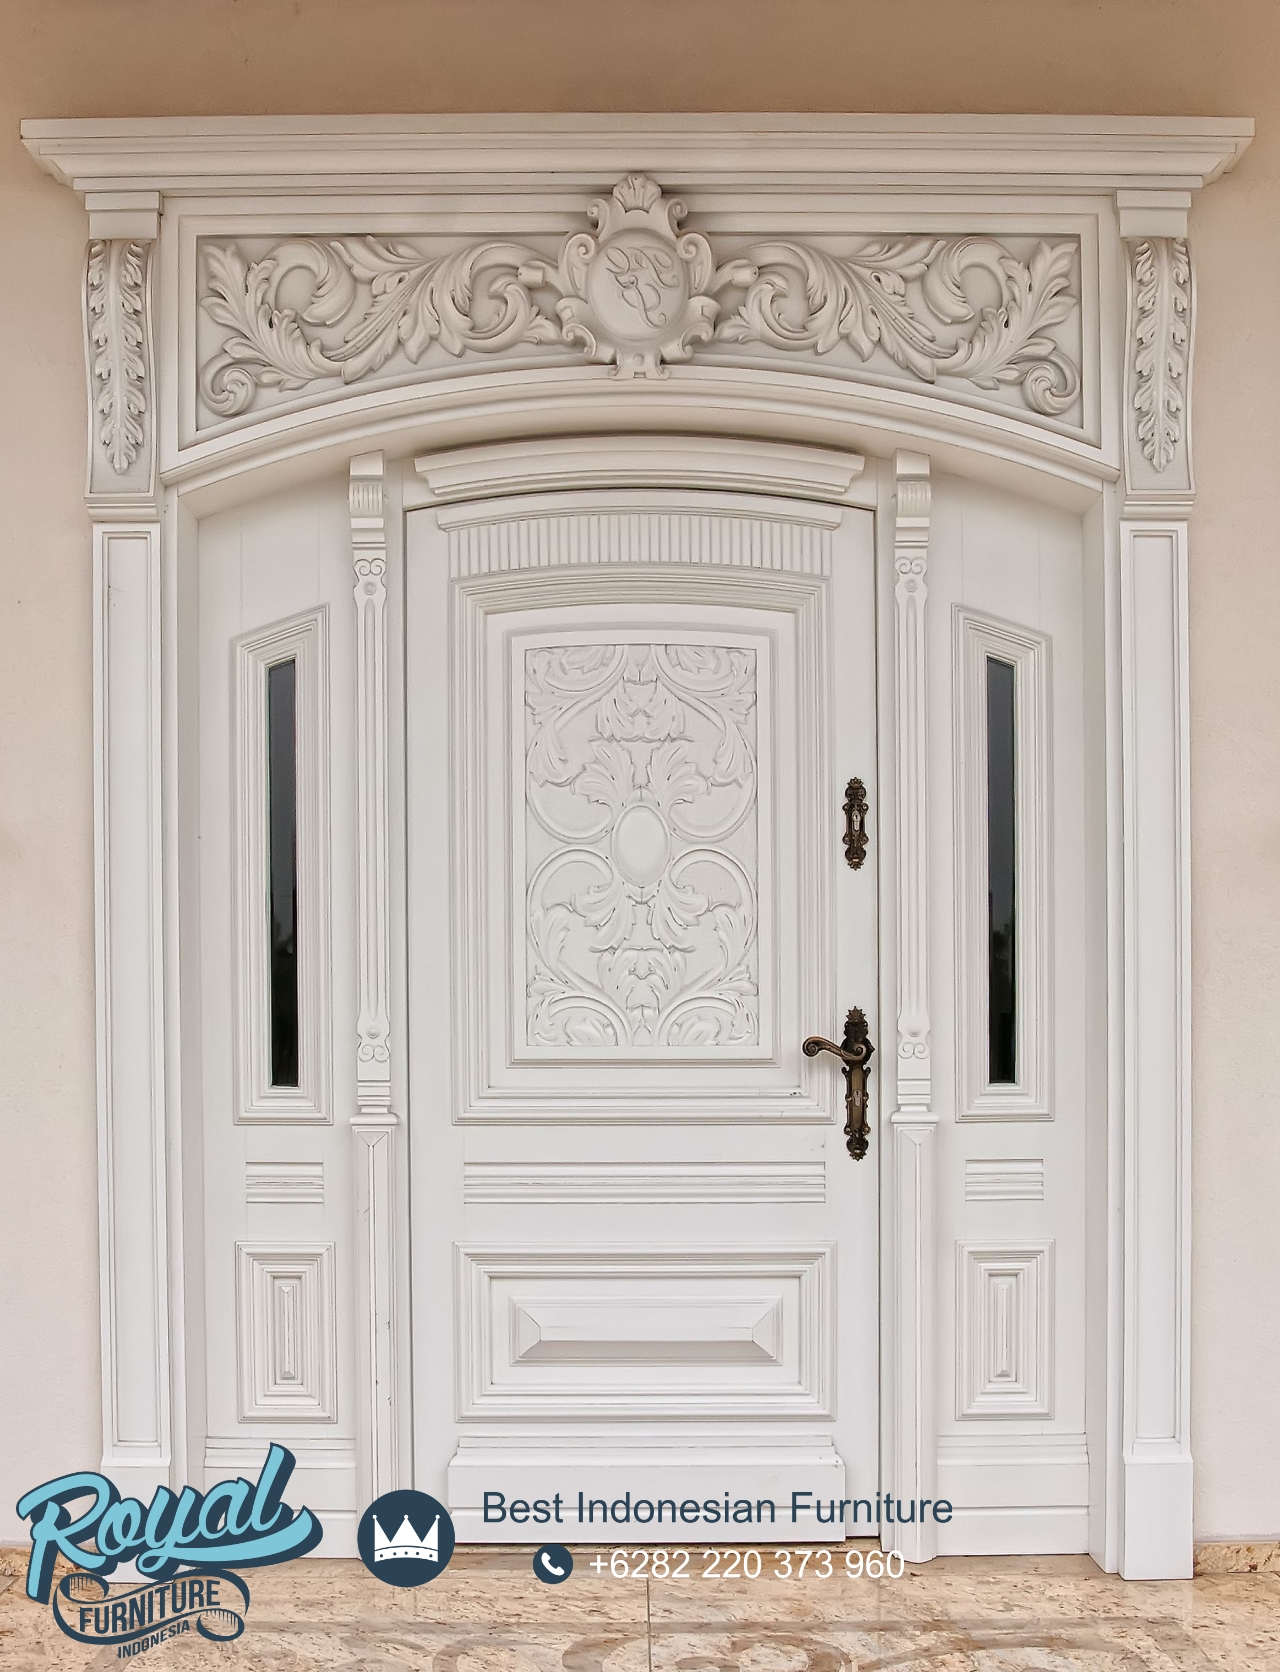 Pintu Klasik Modern Kayu Jepara Putih Wooden, model pintu jepara, pintu jati jepara, pintu jepara minimalis, harga pintu jepara, model kusen pintu jepara, model pintu jepara terbaru, kusen pintu klasik, pintu kayu jati mewah, harga kusen pintu jati jepara, harga kusen jati, harga pintu kayu jati 2020, harga kusen jati tua, harga pintu jati 2 pintu, harga kusen 2 pintu mewah, kusen pintu kayu jati kualitas terbaik, gambar pintu rumah klasik, kusen pintu jati perhutani, jual pintu kayu jati ukiran jepara, kusen pintu jendela jati, kusen pintu kayu jati jepara, pintu jati klasik, pintu dan kusen warna putih duco, pintu jati minimalis terbaru, pintu jati jepara minimalis, pintu jati minimalis modern, pintu kayu jati mewah, pintu dan kusen utama, model pintu minimalis kayu jati, model pintu minimalis elegan, kusen jendela jati jepara, desain pintu jati minimalis, mebel jati jepara, royal furniture